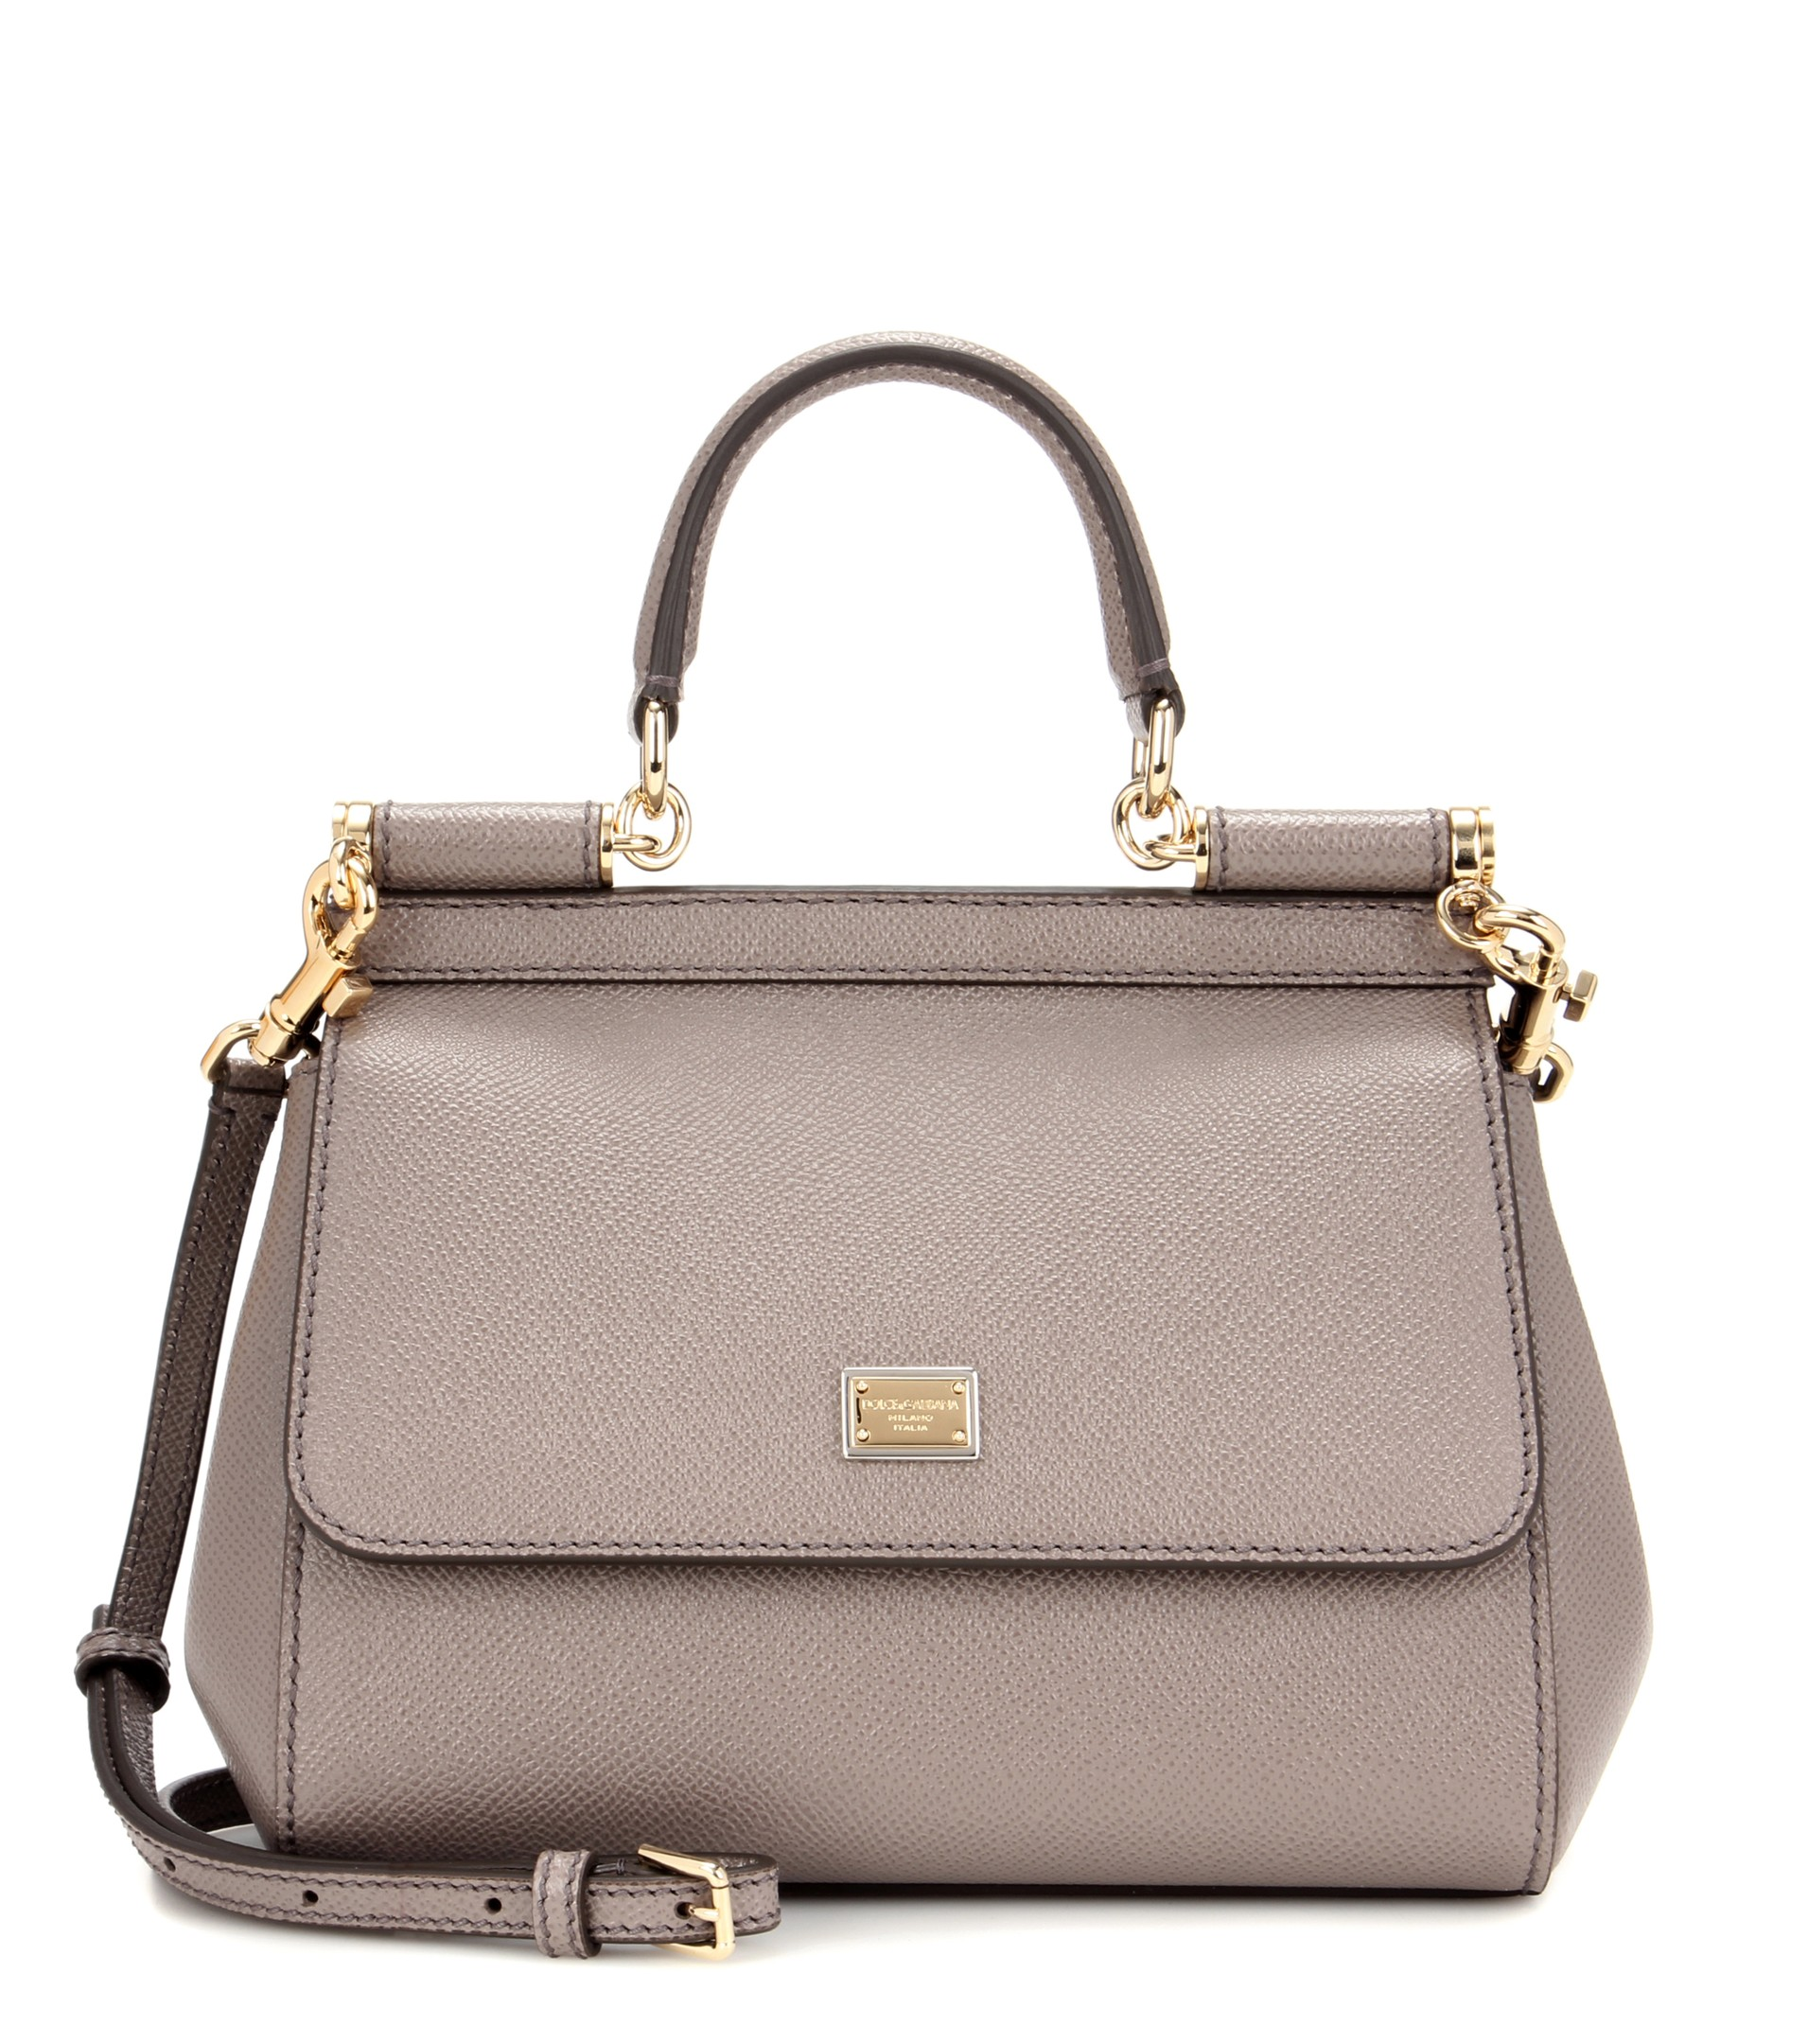 DOLCE & GABBANA Sicily bag, £925